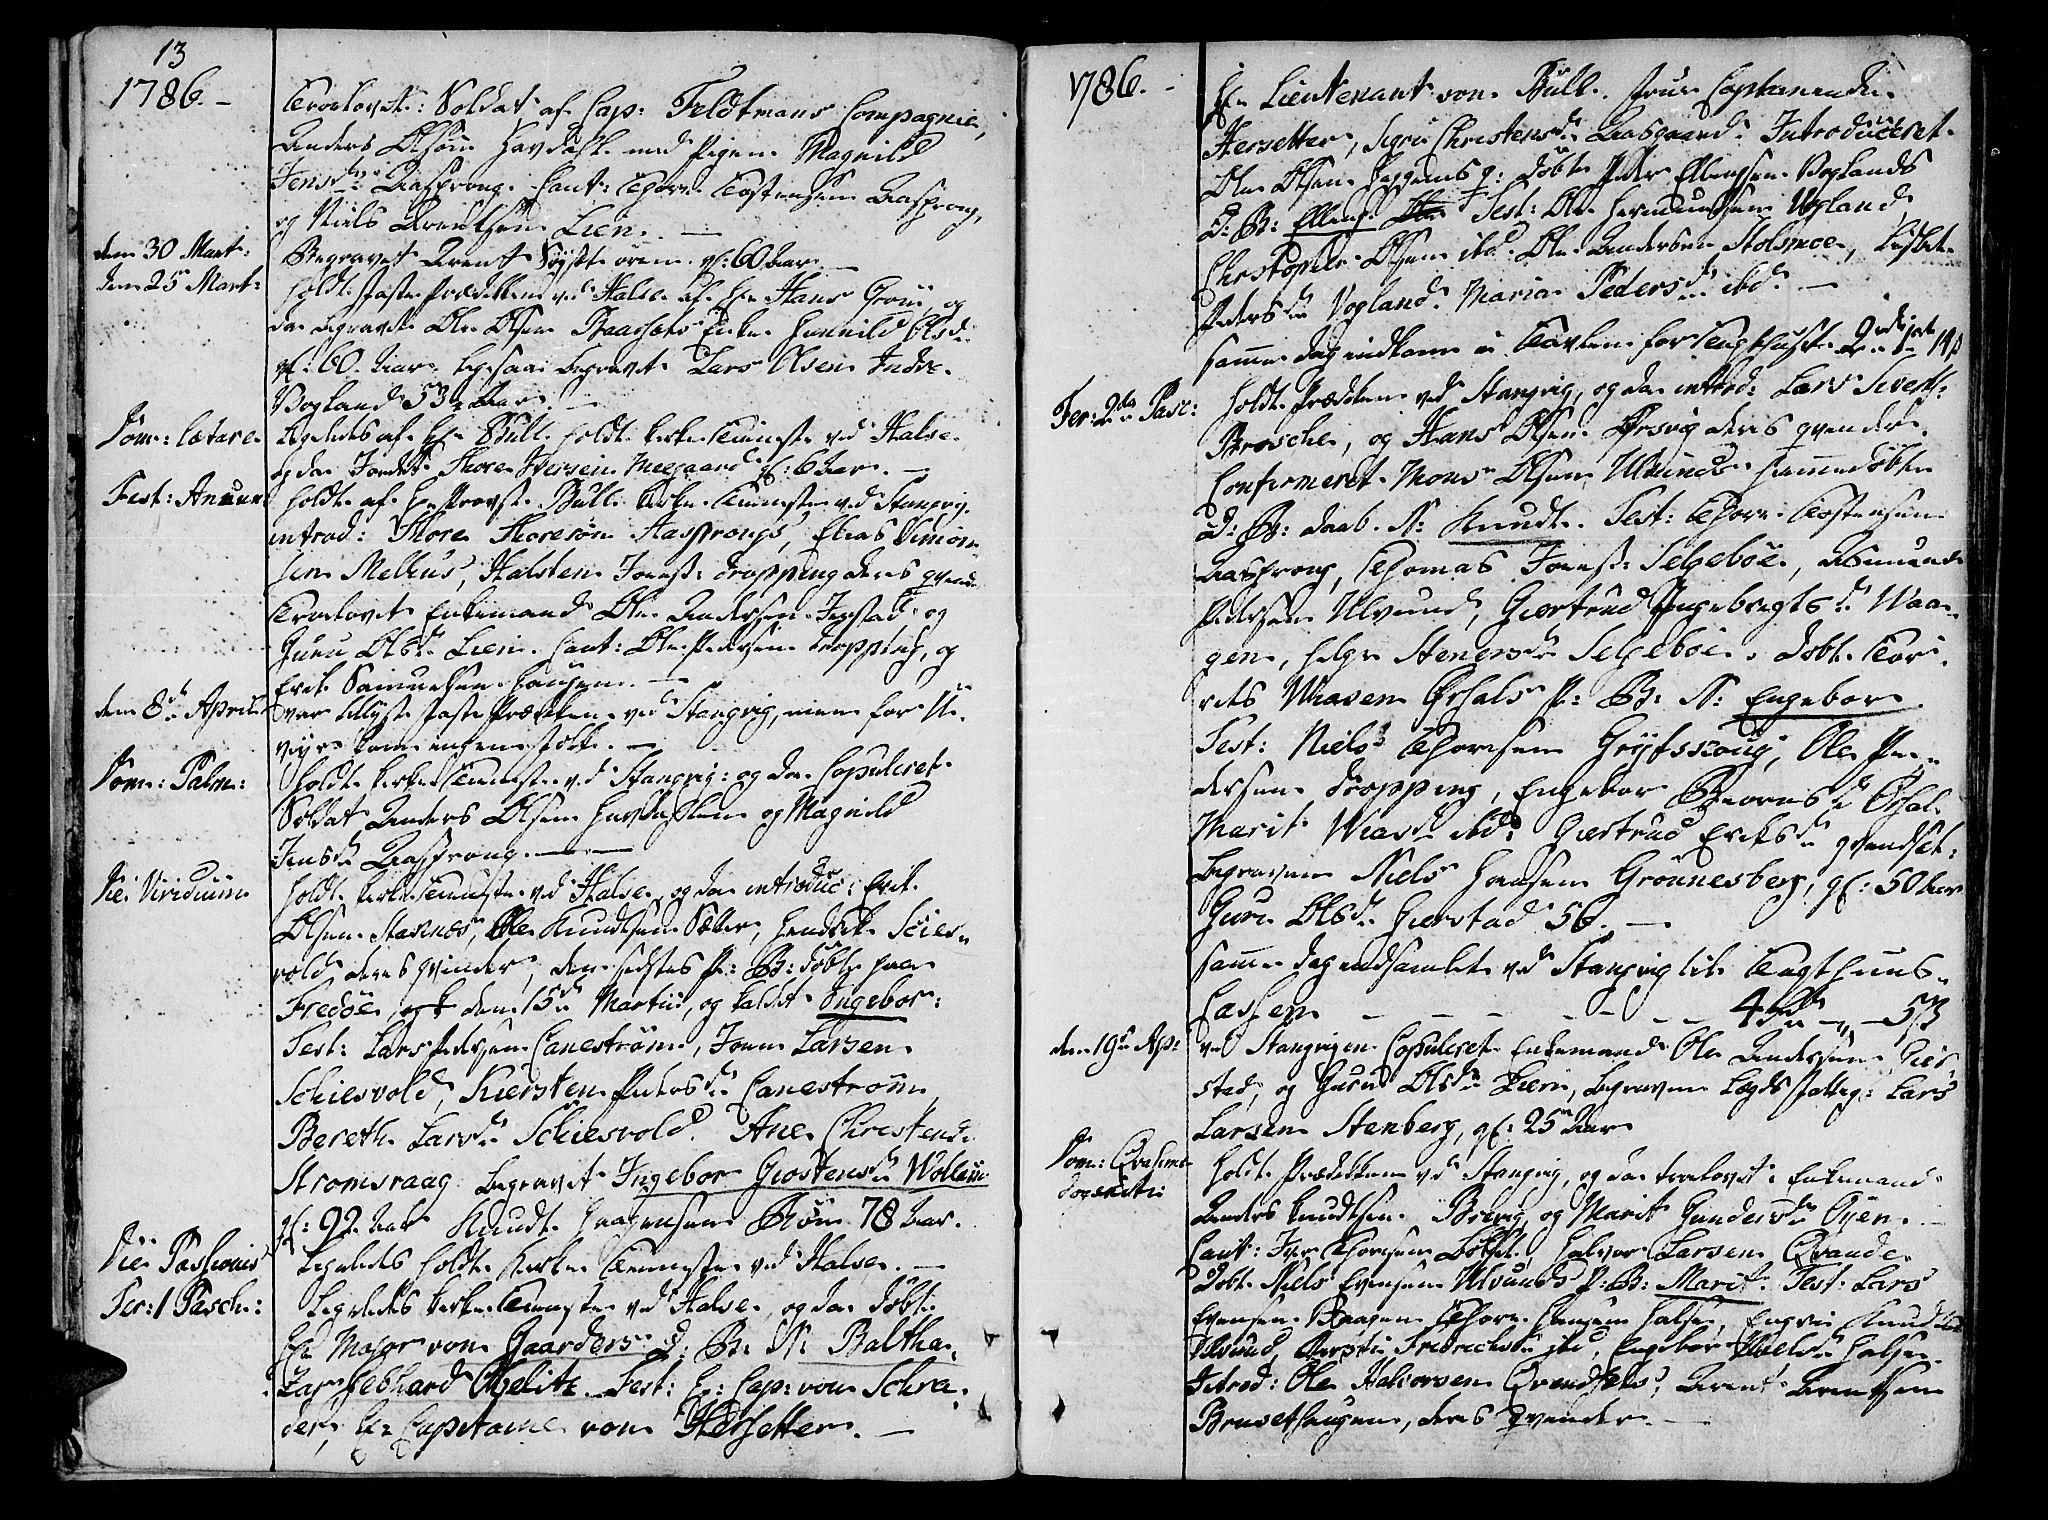 SAT, Ministerialprotokoller, klokkerbøker og fødselsregistre - Møre og Romsdal, 592/L1022: Ministerialbok nr. 592A01, 1784-1819, s. 13